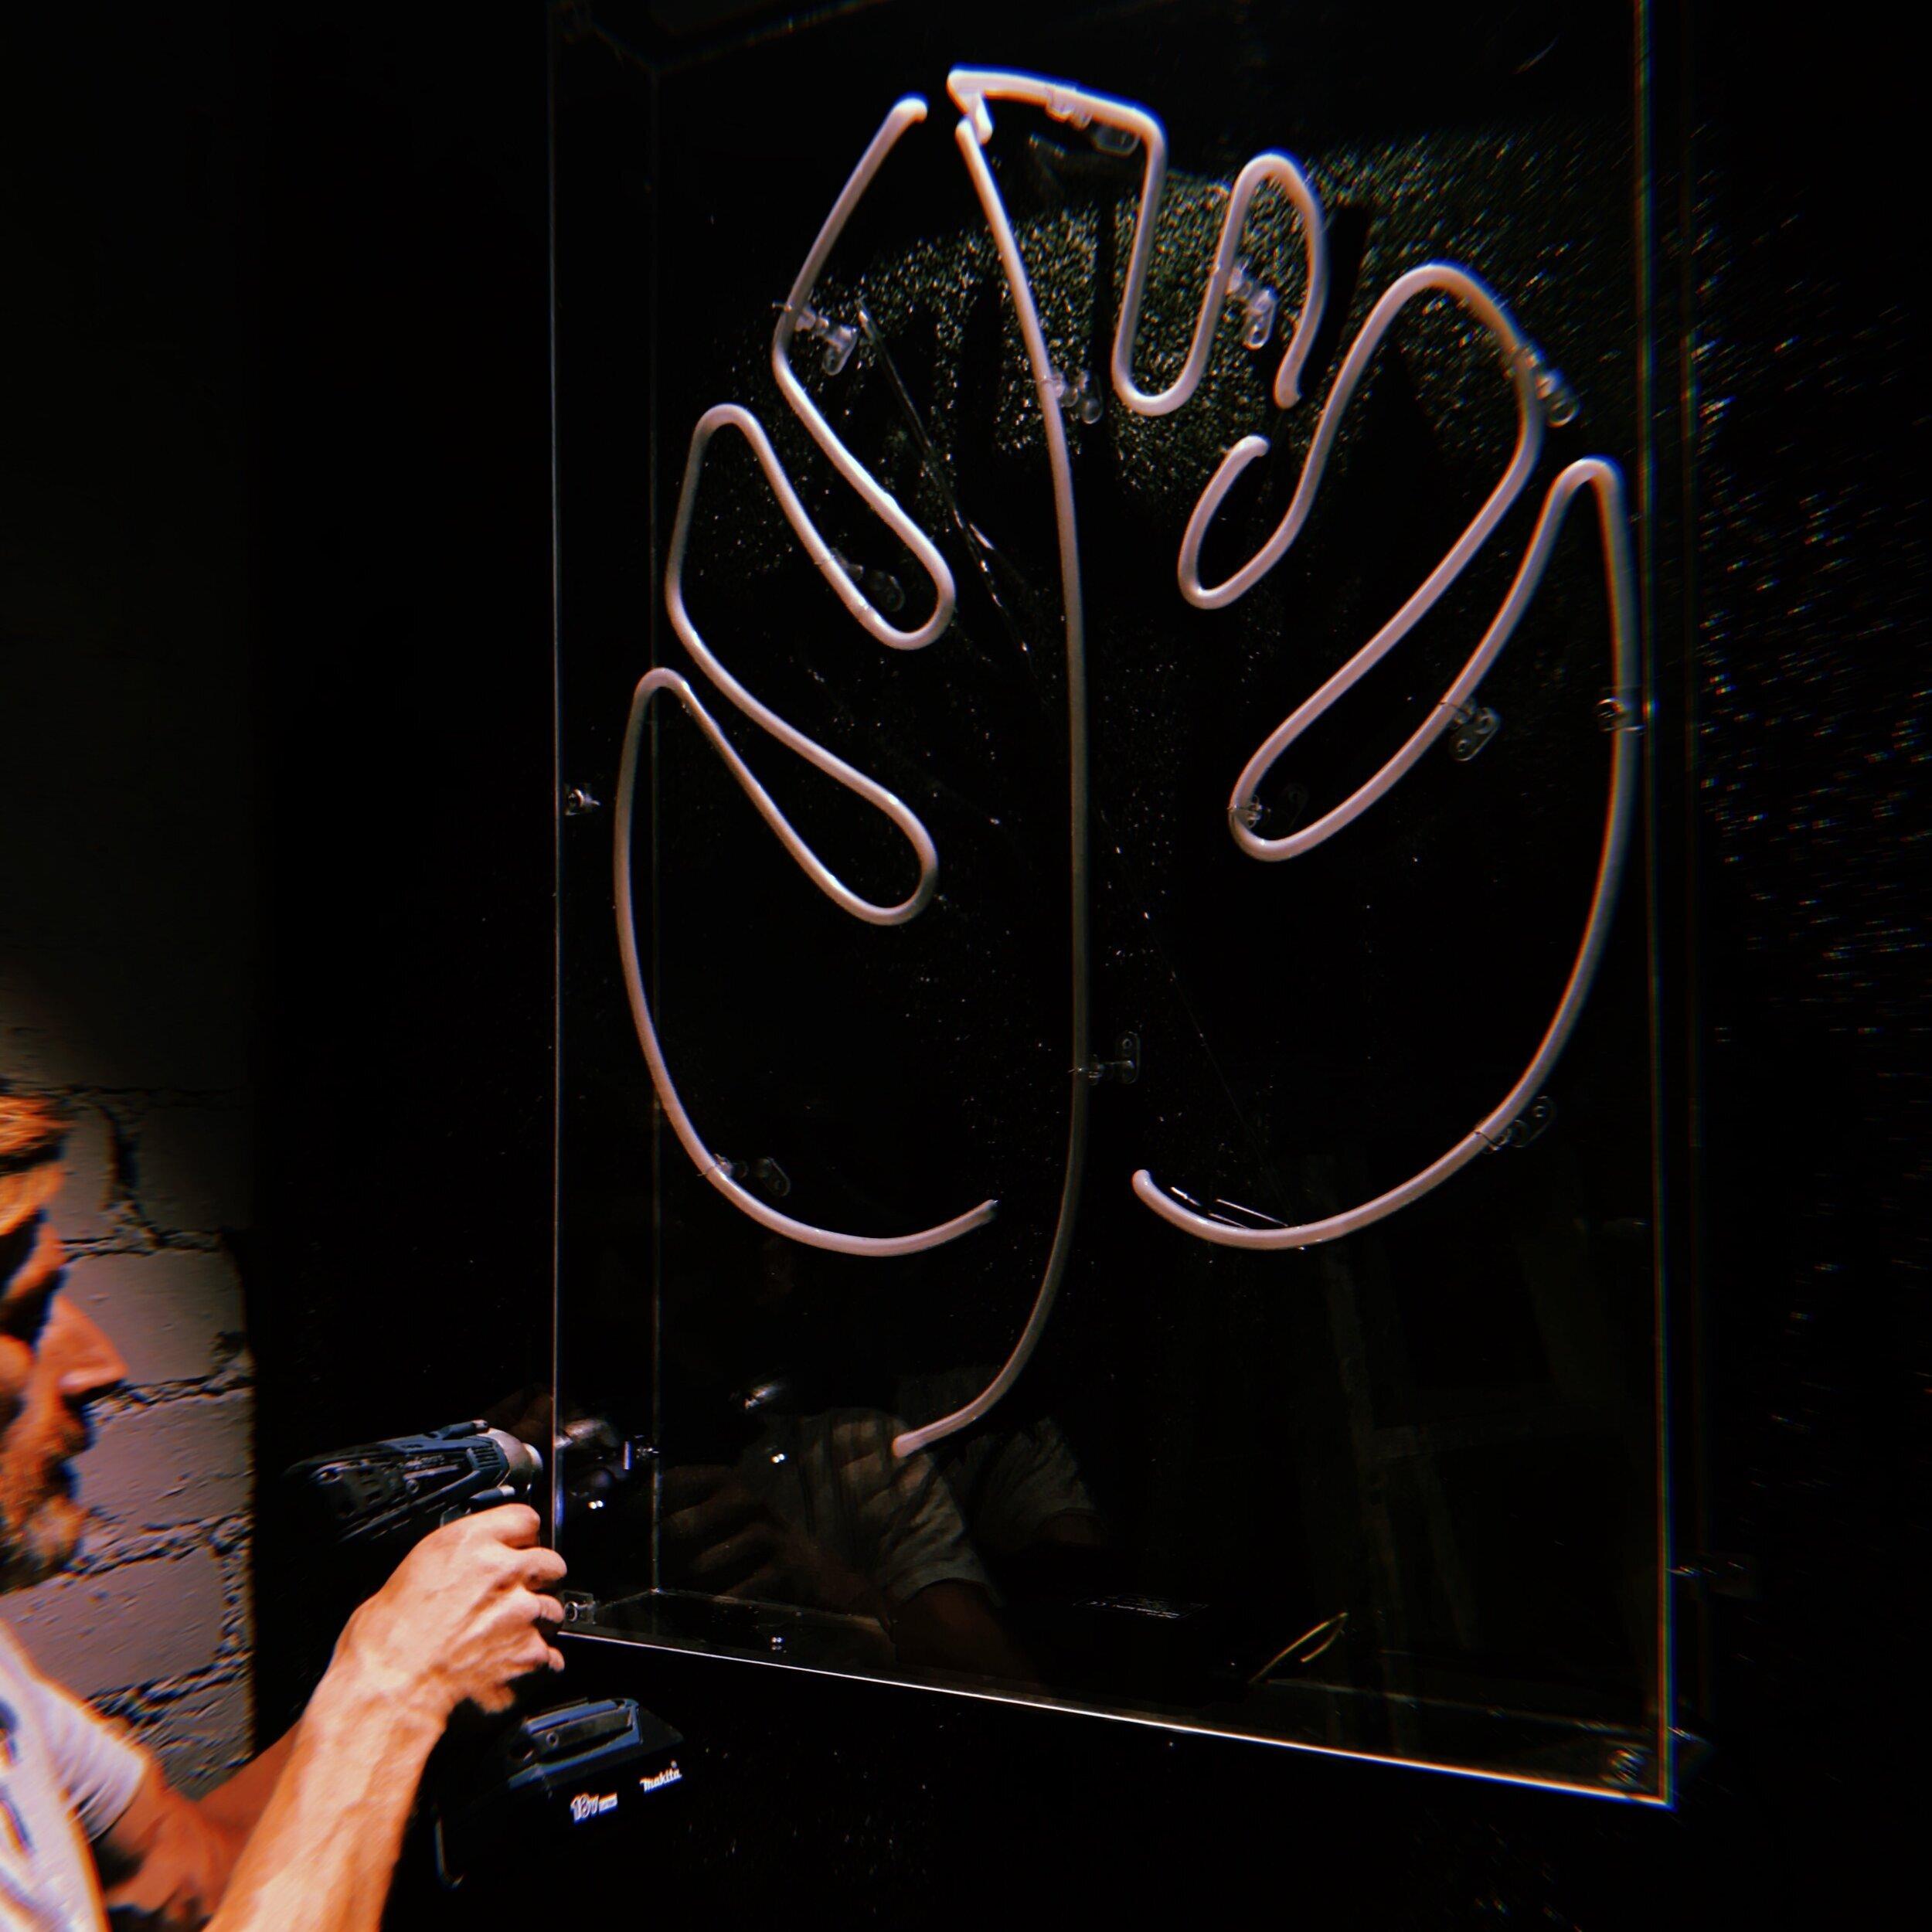 Neon+sign+installation+Edinburgh+Scotland